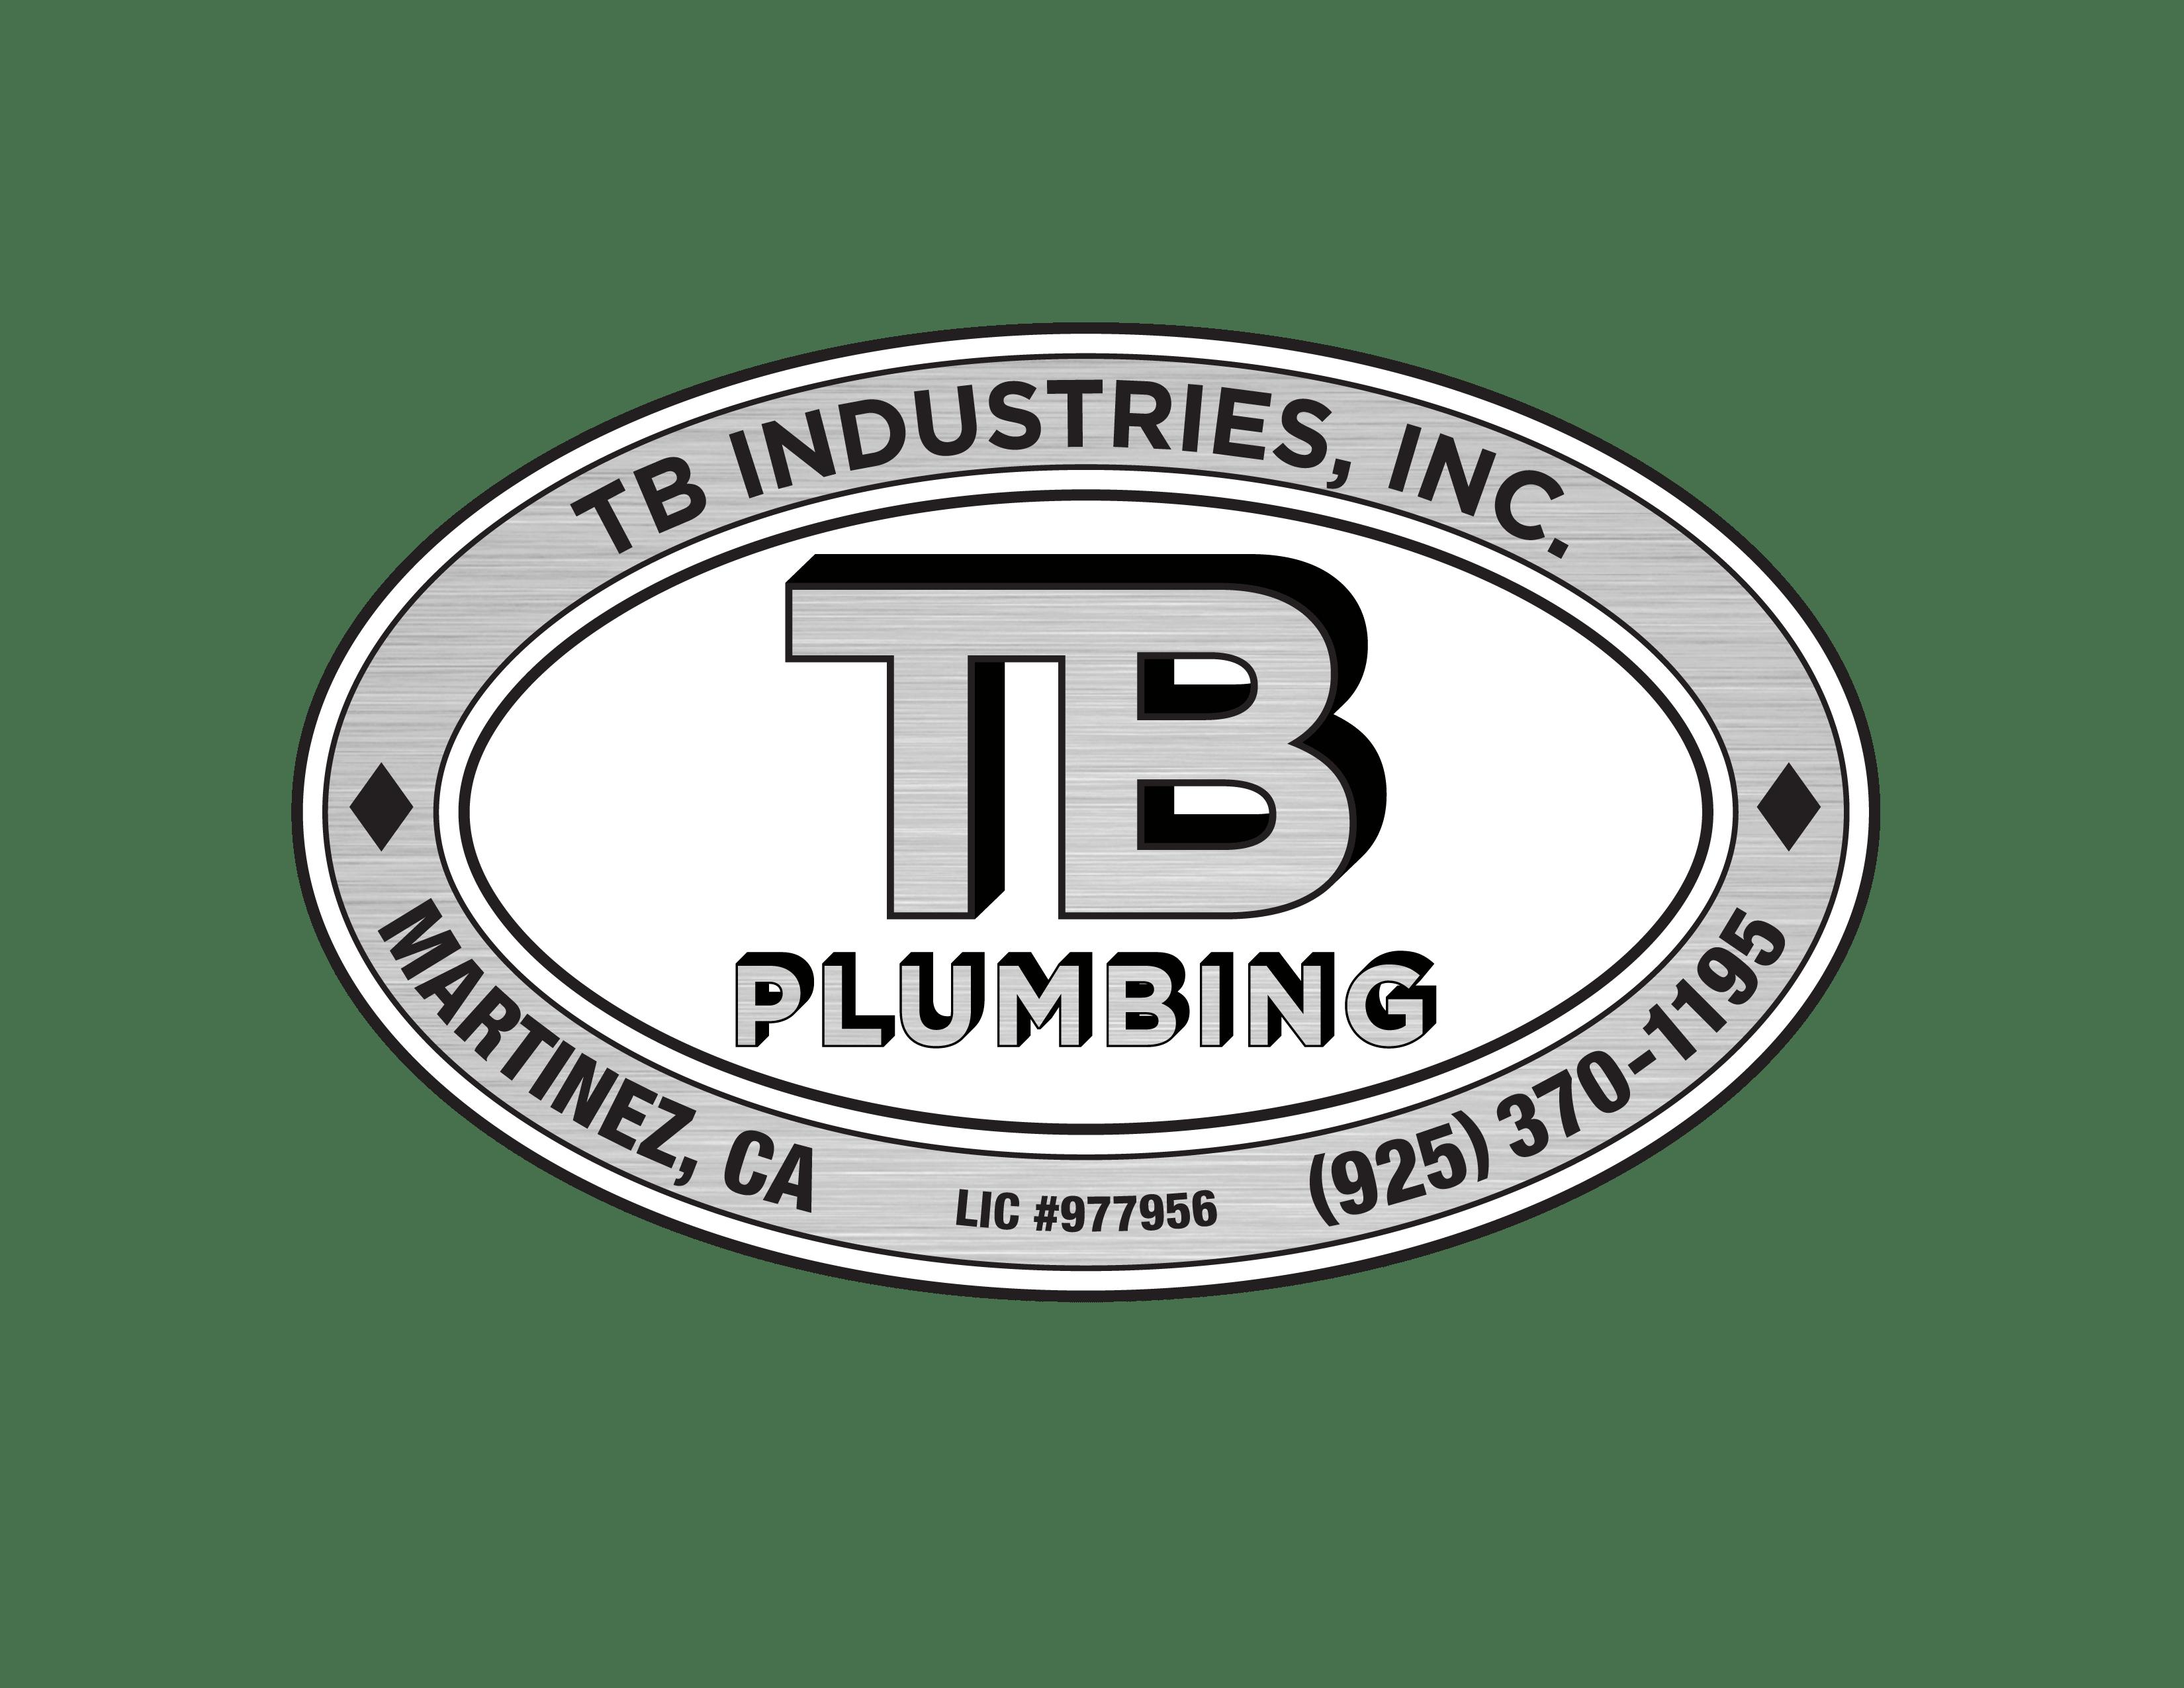 TB Plumbing_logo